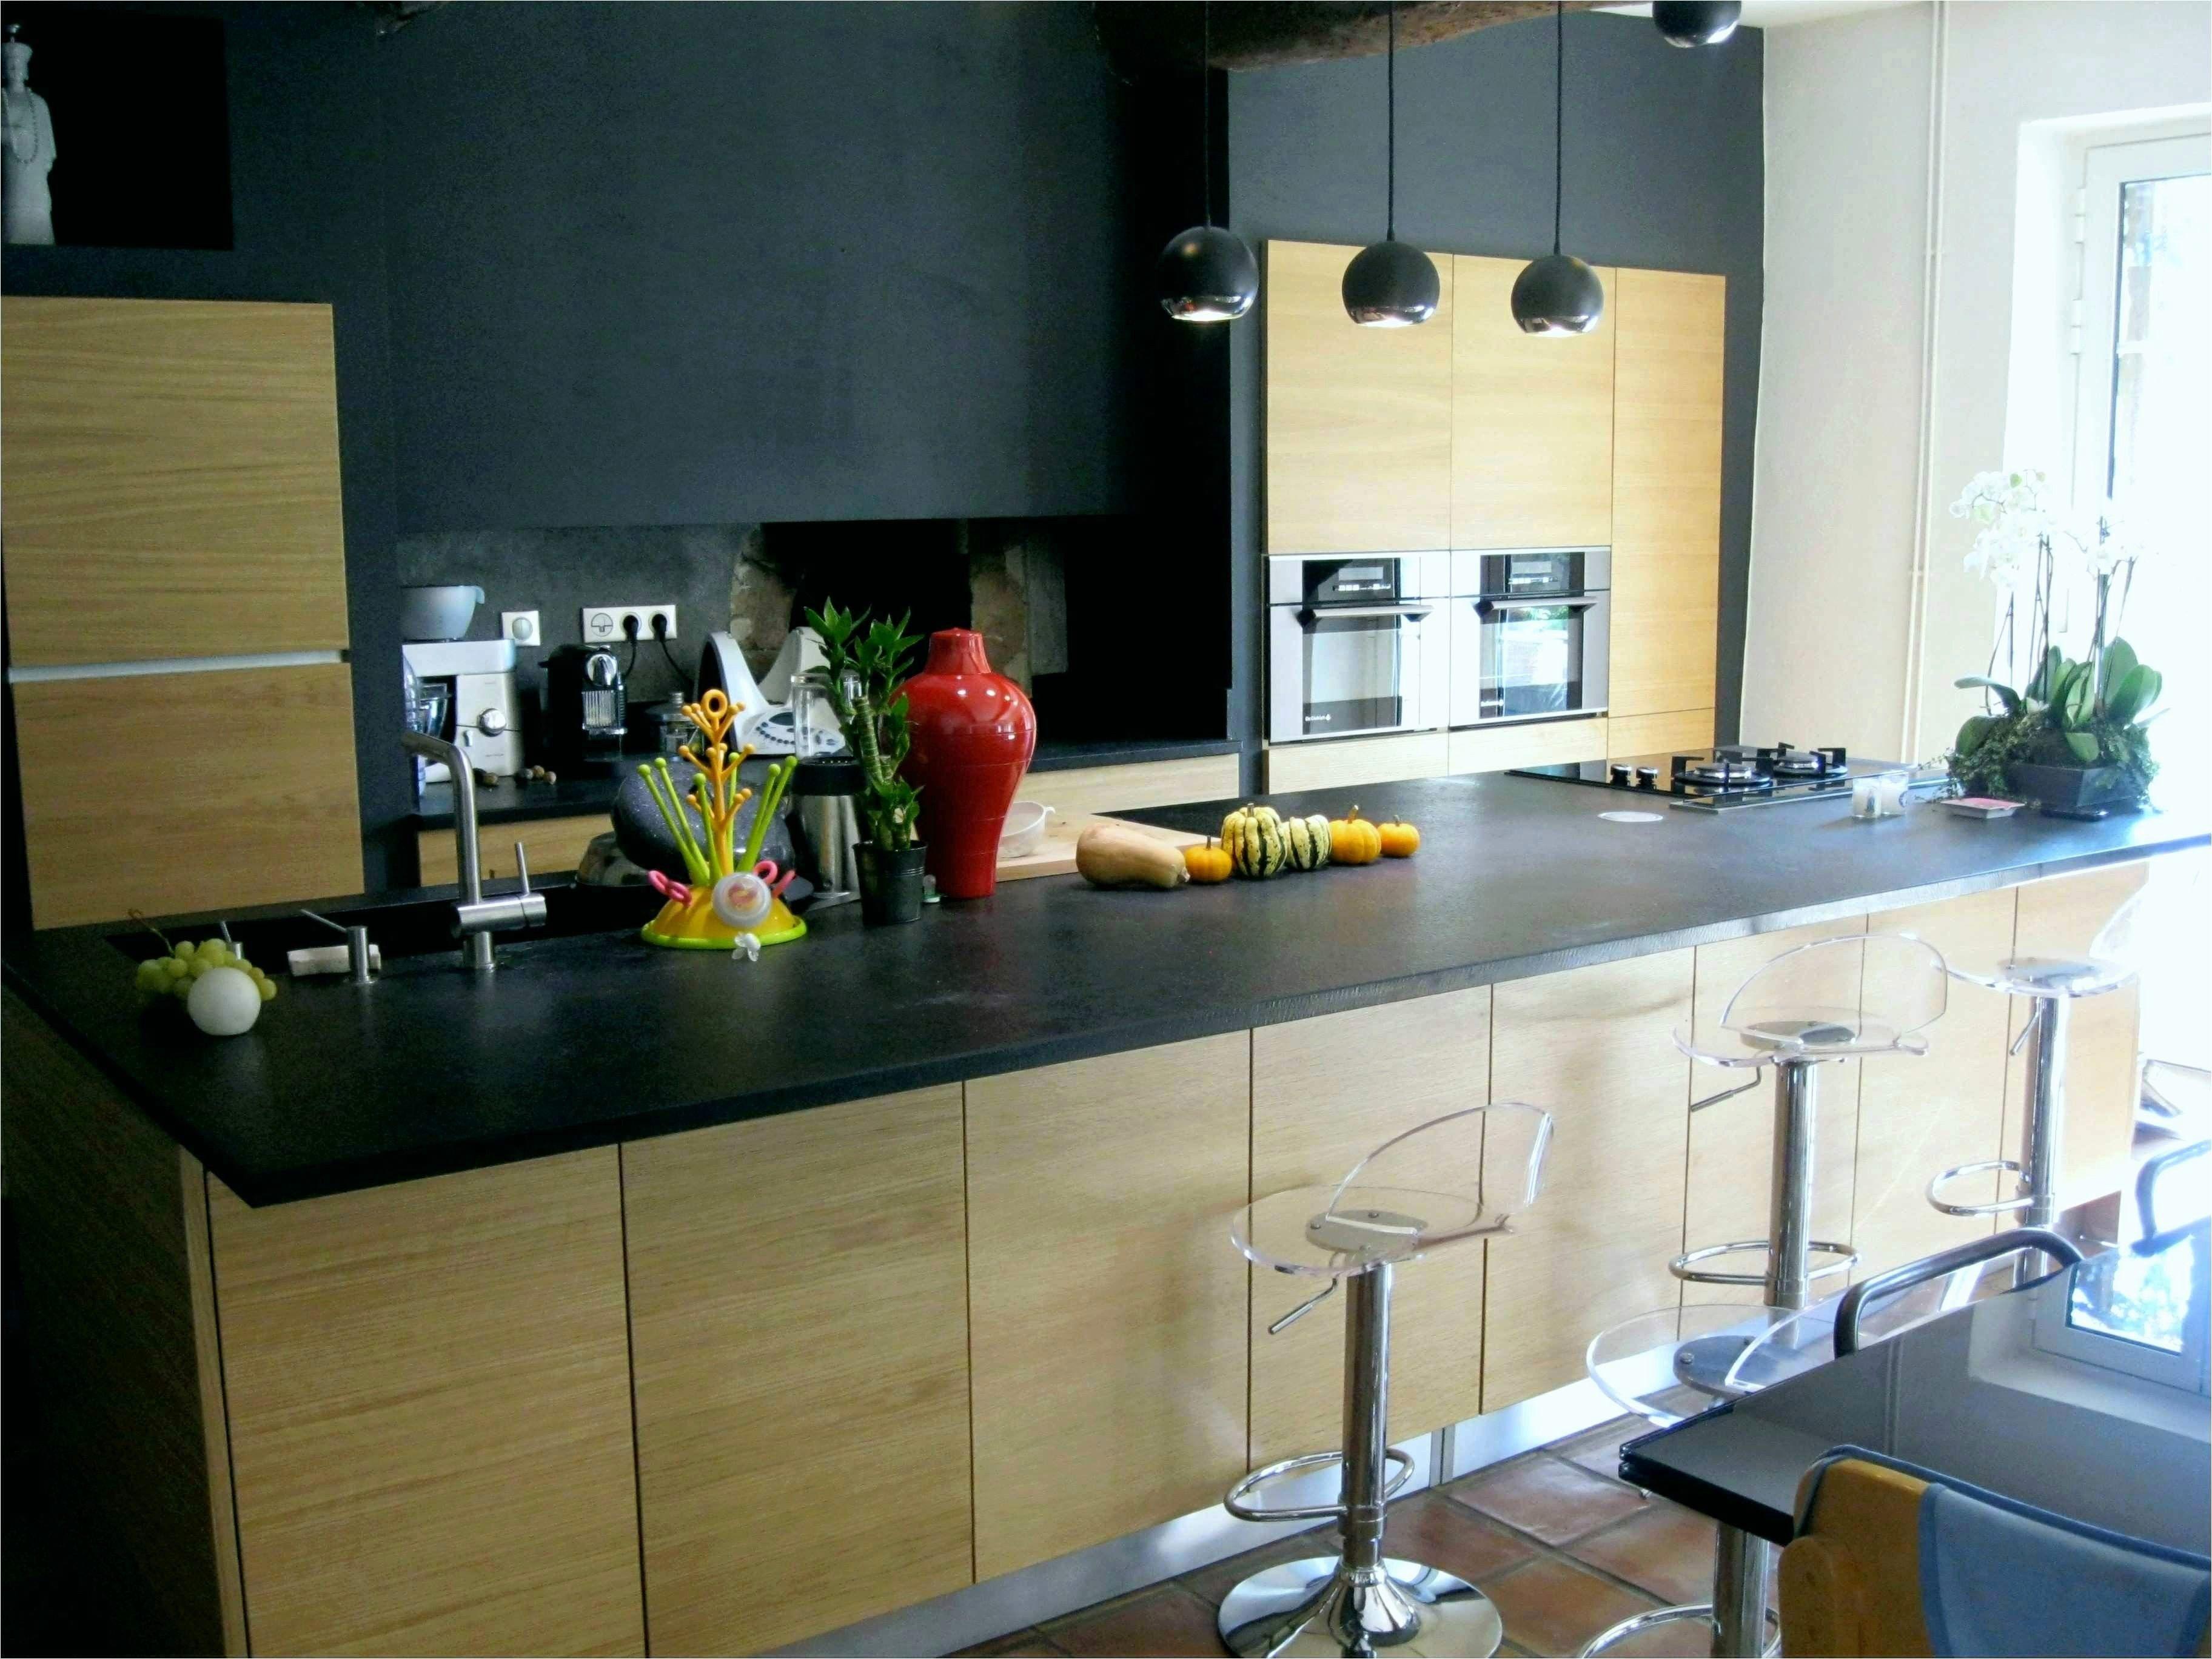 Exemple Ilot Central Cuisine new exemple de cuisine avec ilot central | cuisines design